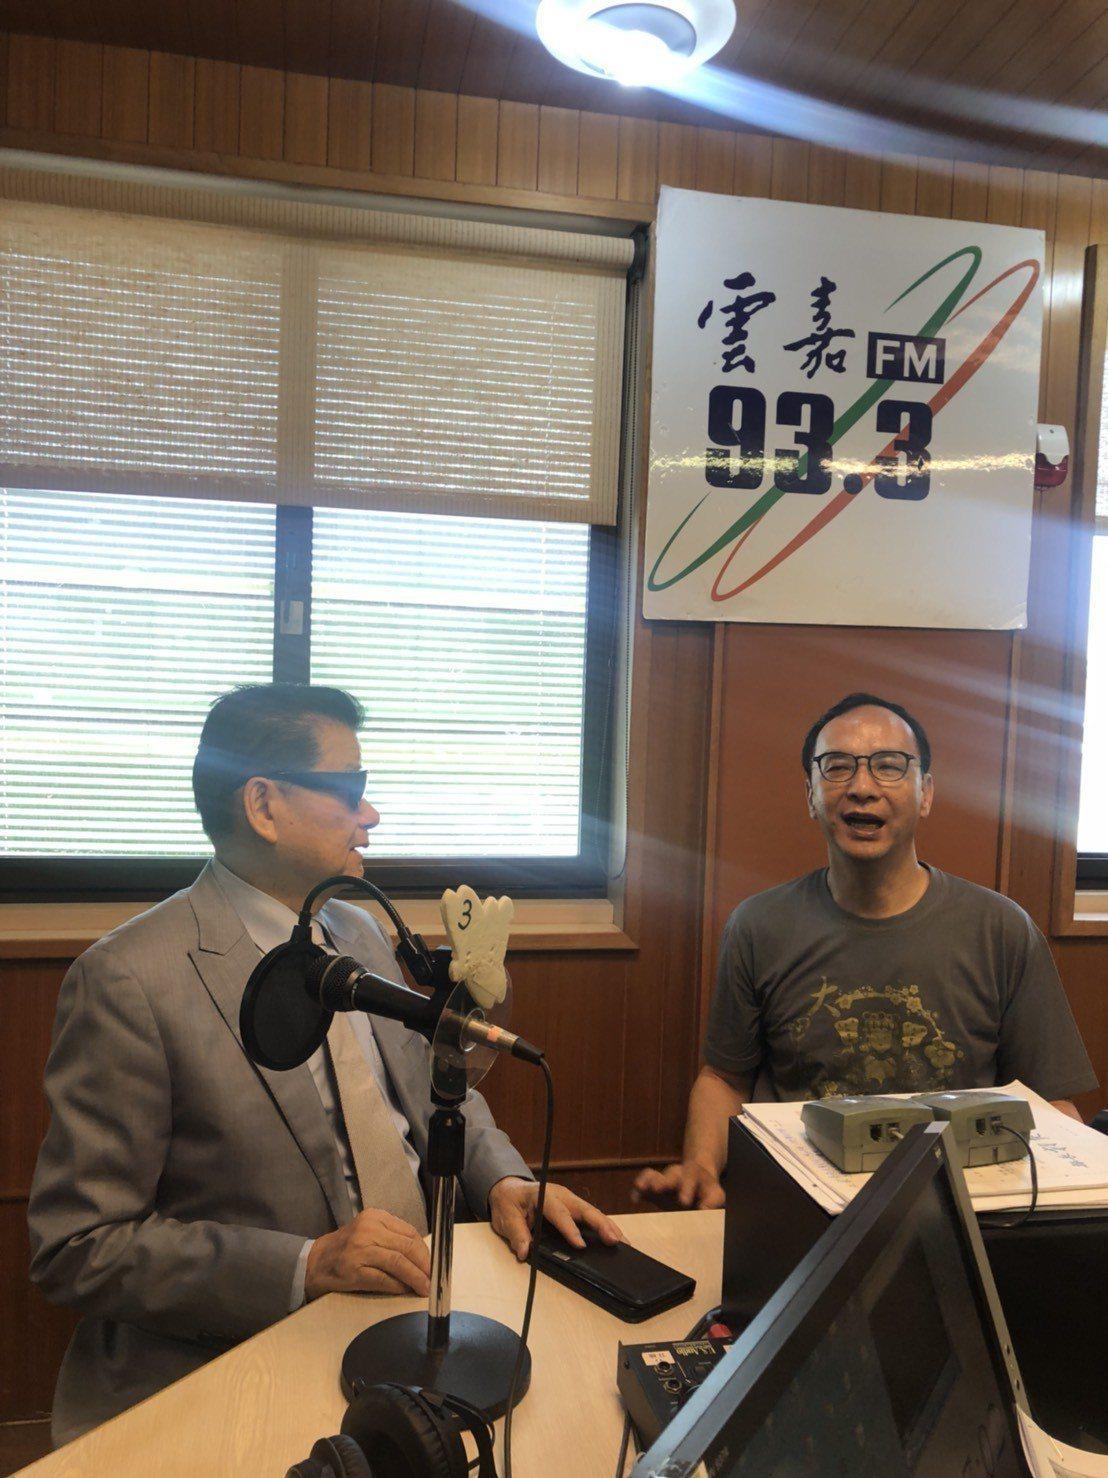 新北市前市長朱立倫(右)接受電台專訪。記者李承穎/攝影